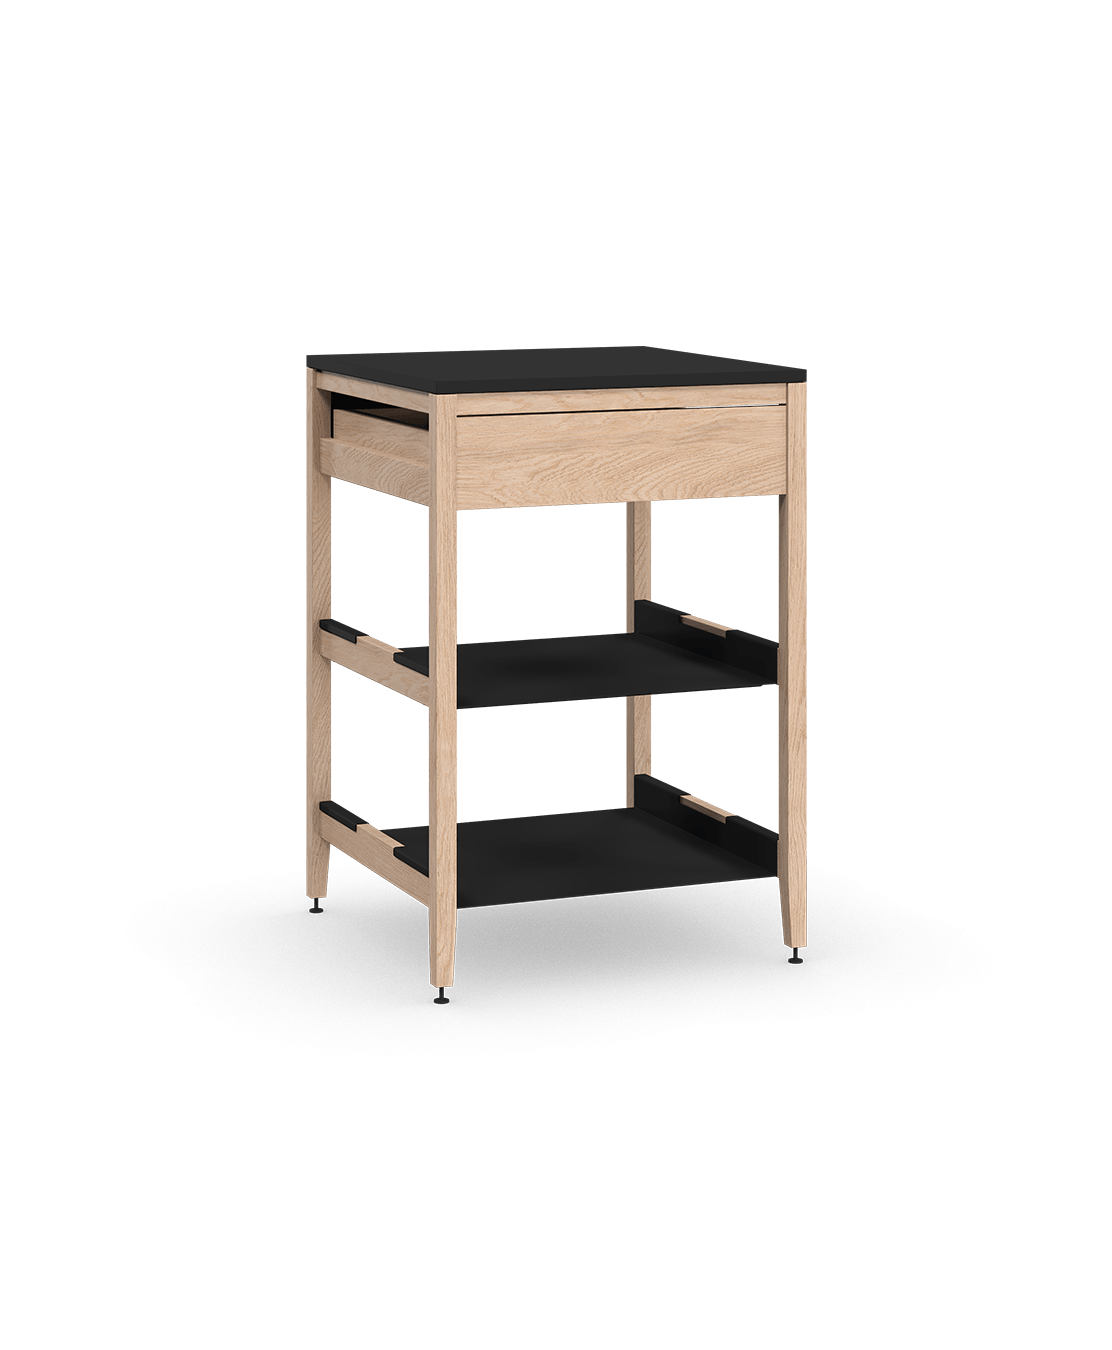 armoire de cuisine modulaire inférieure en bois massif coquo radix avec 2 tablettes 1 tiroir chêne blanc 24 pouces C1-C-24SB-1022-NA